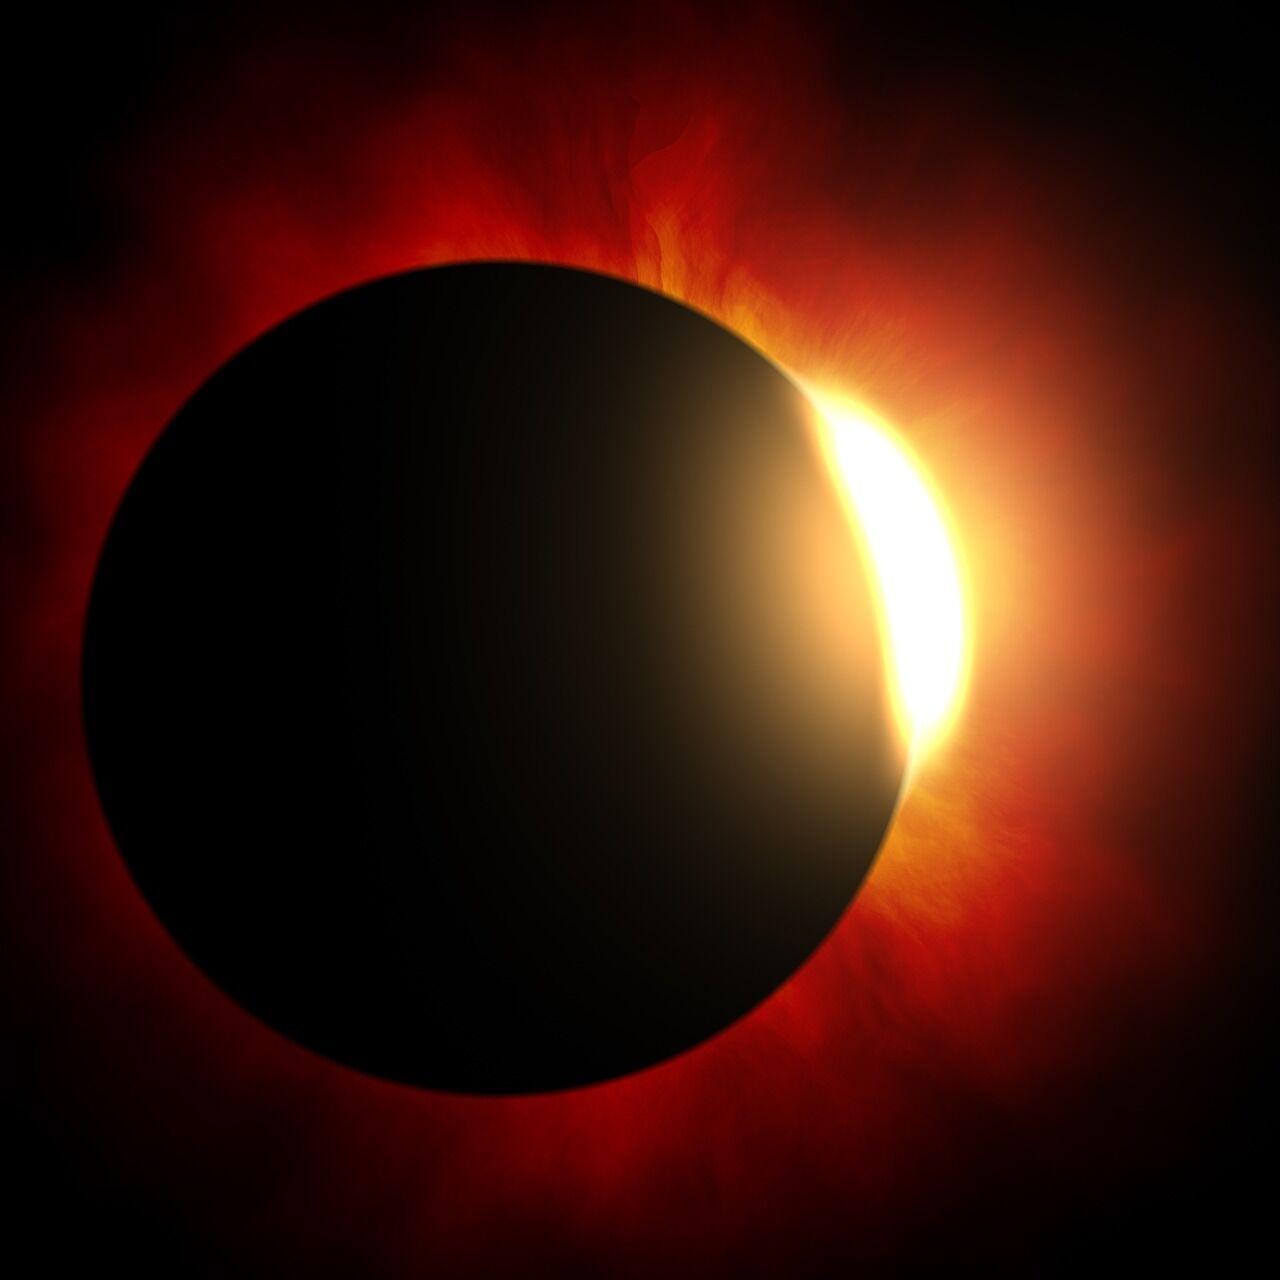 Затмение солнца: как повлияет на людей